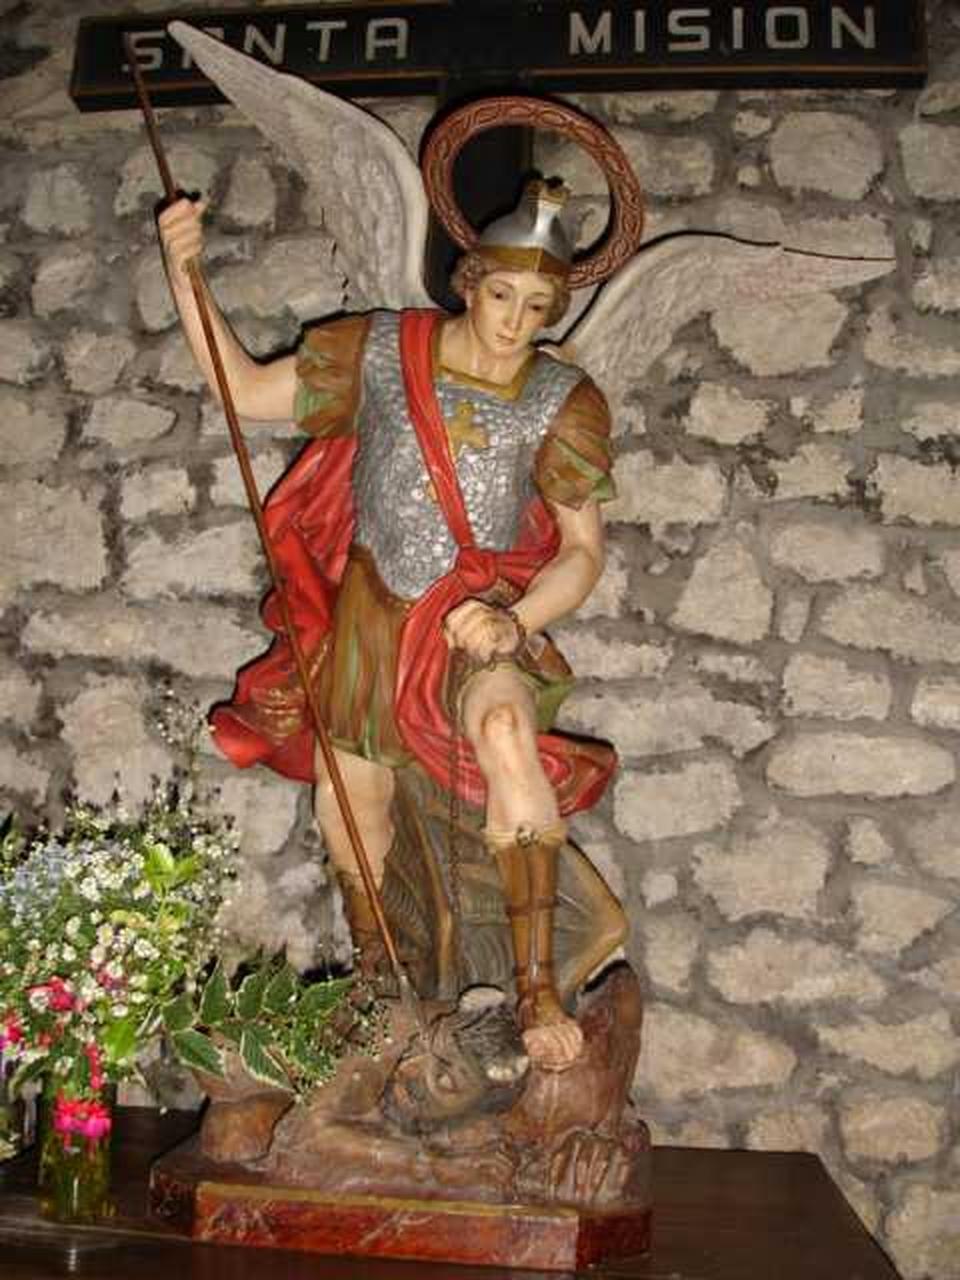 + 0006 - A G.-i temlom Szent Miháy szobra, amely épp megvakítja a sátánt!!!.jpg